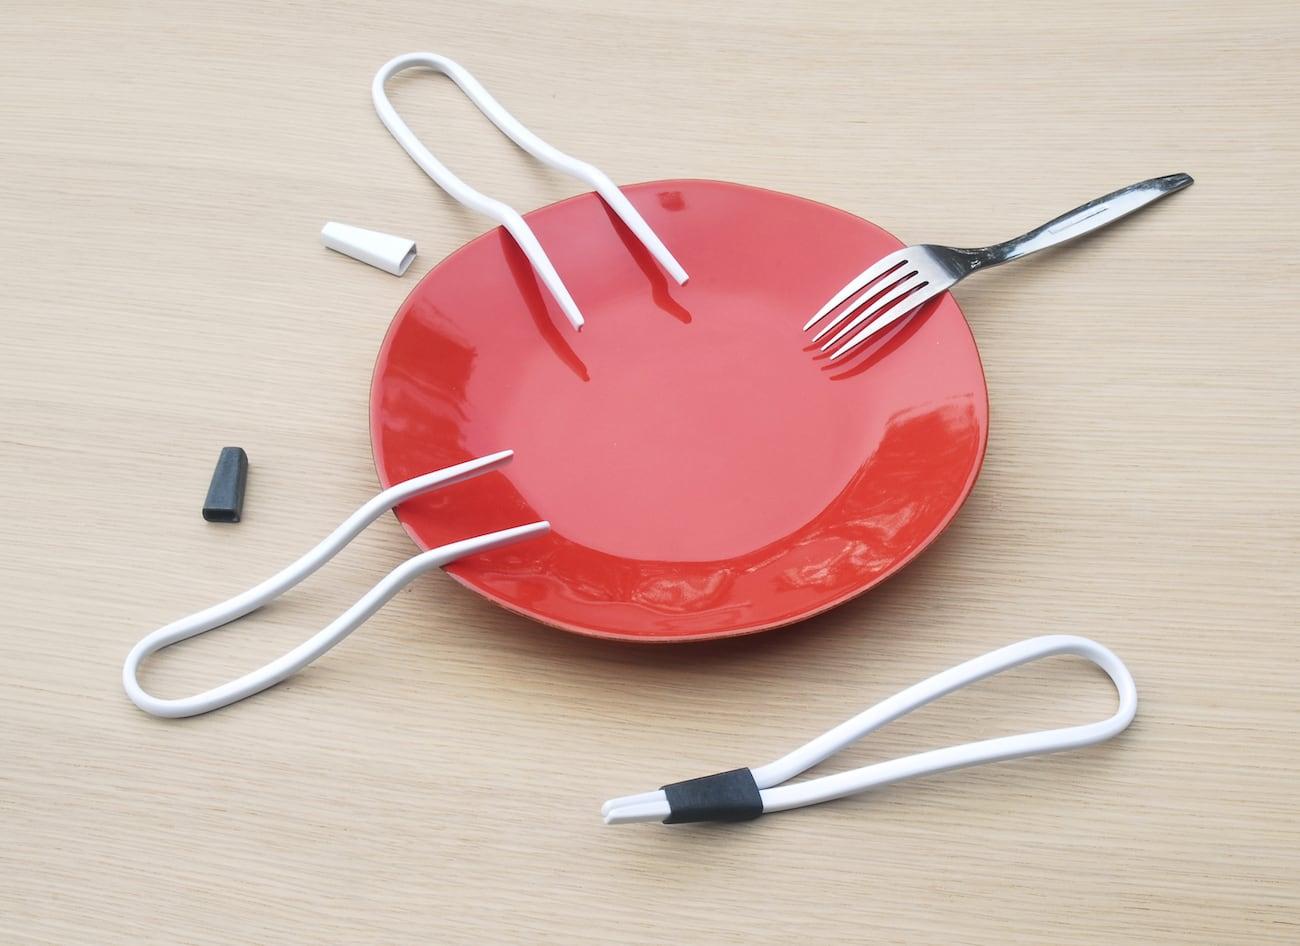 StikChops Multi-Purpose Eating Utensil